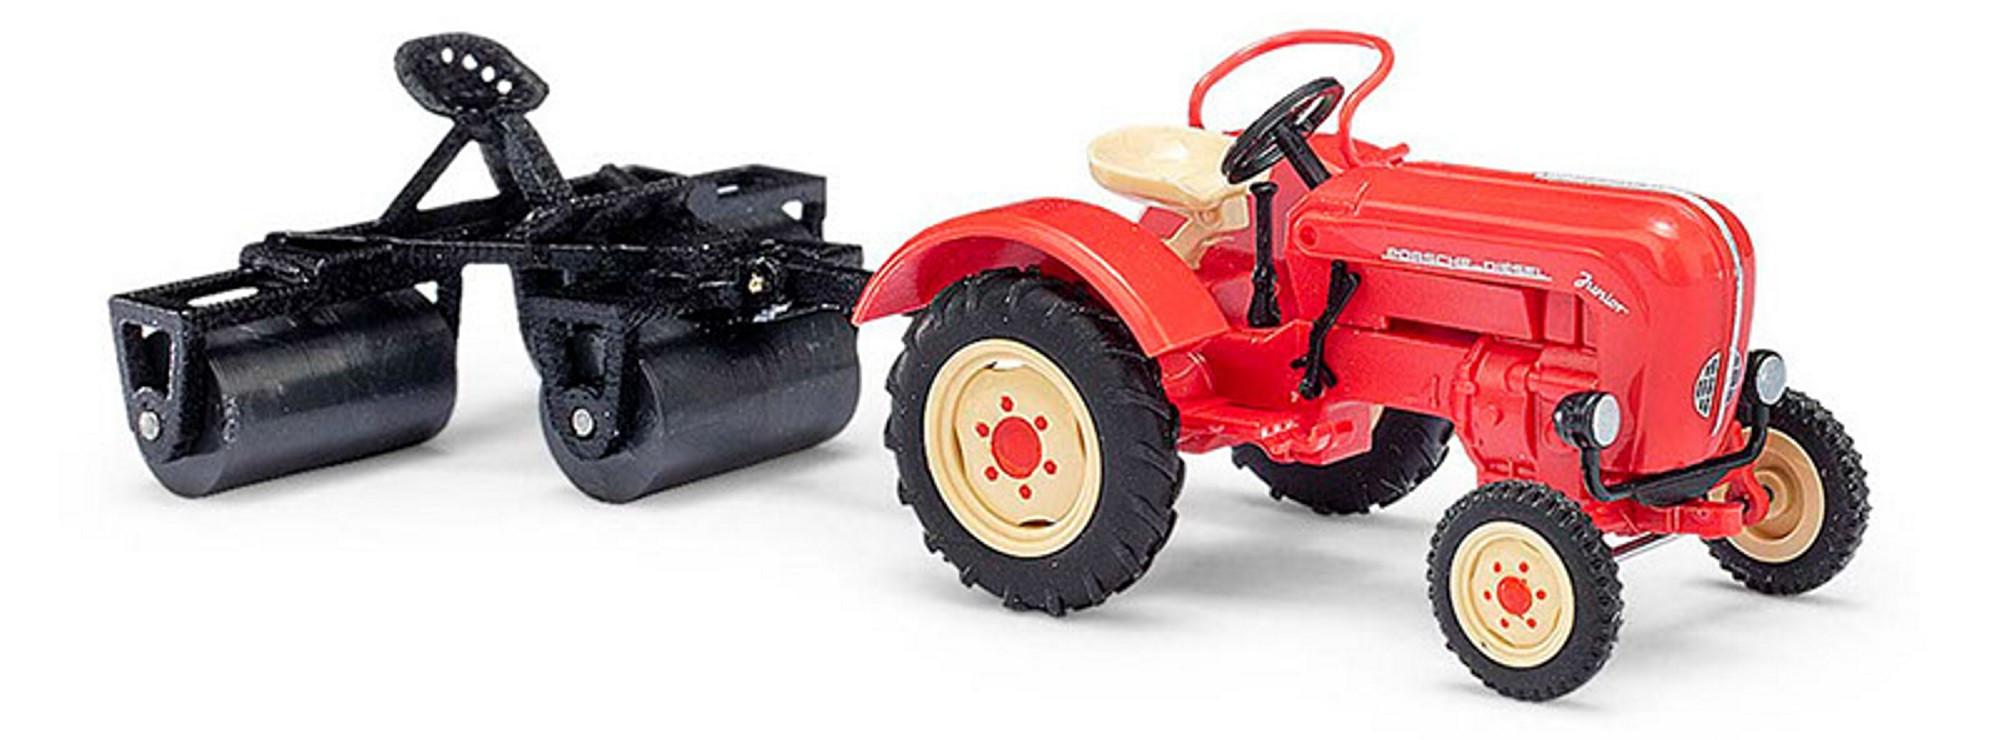 Busch Traktor Porsche Junior K mit Ackerwalze -Einzelstück-